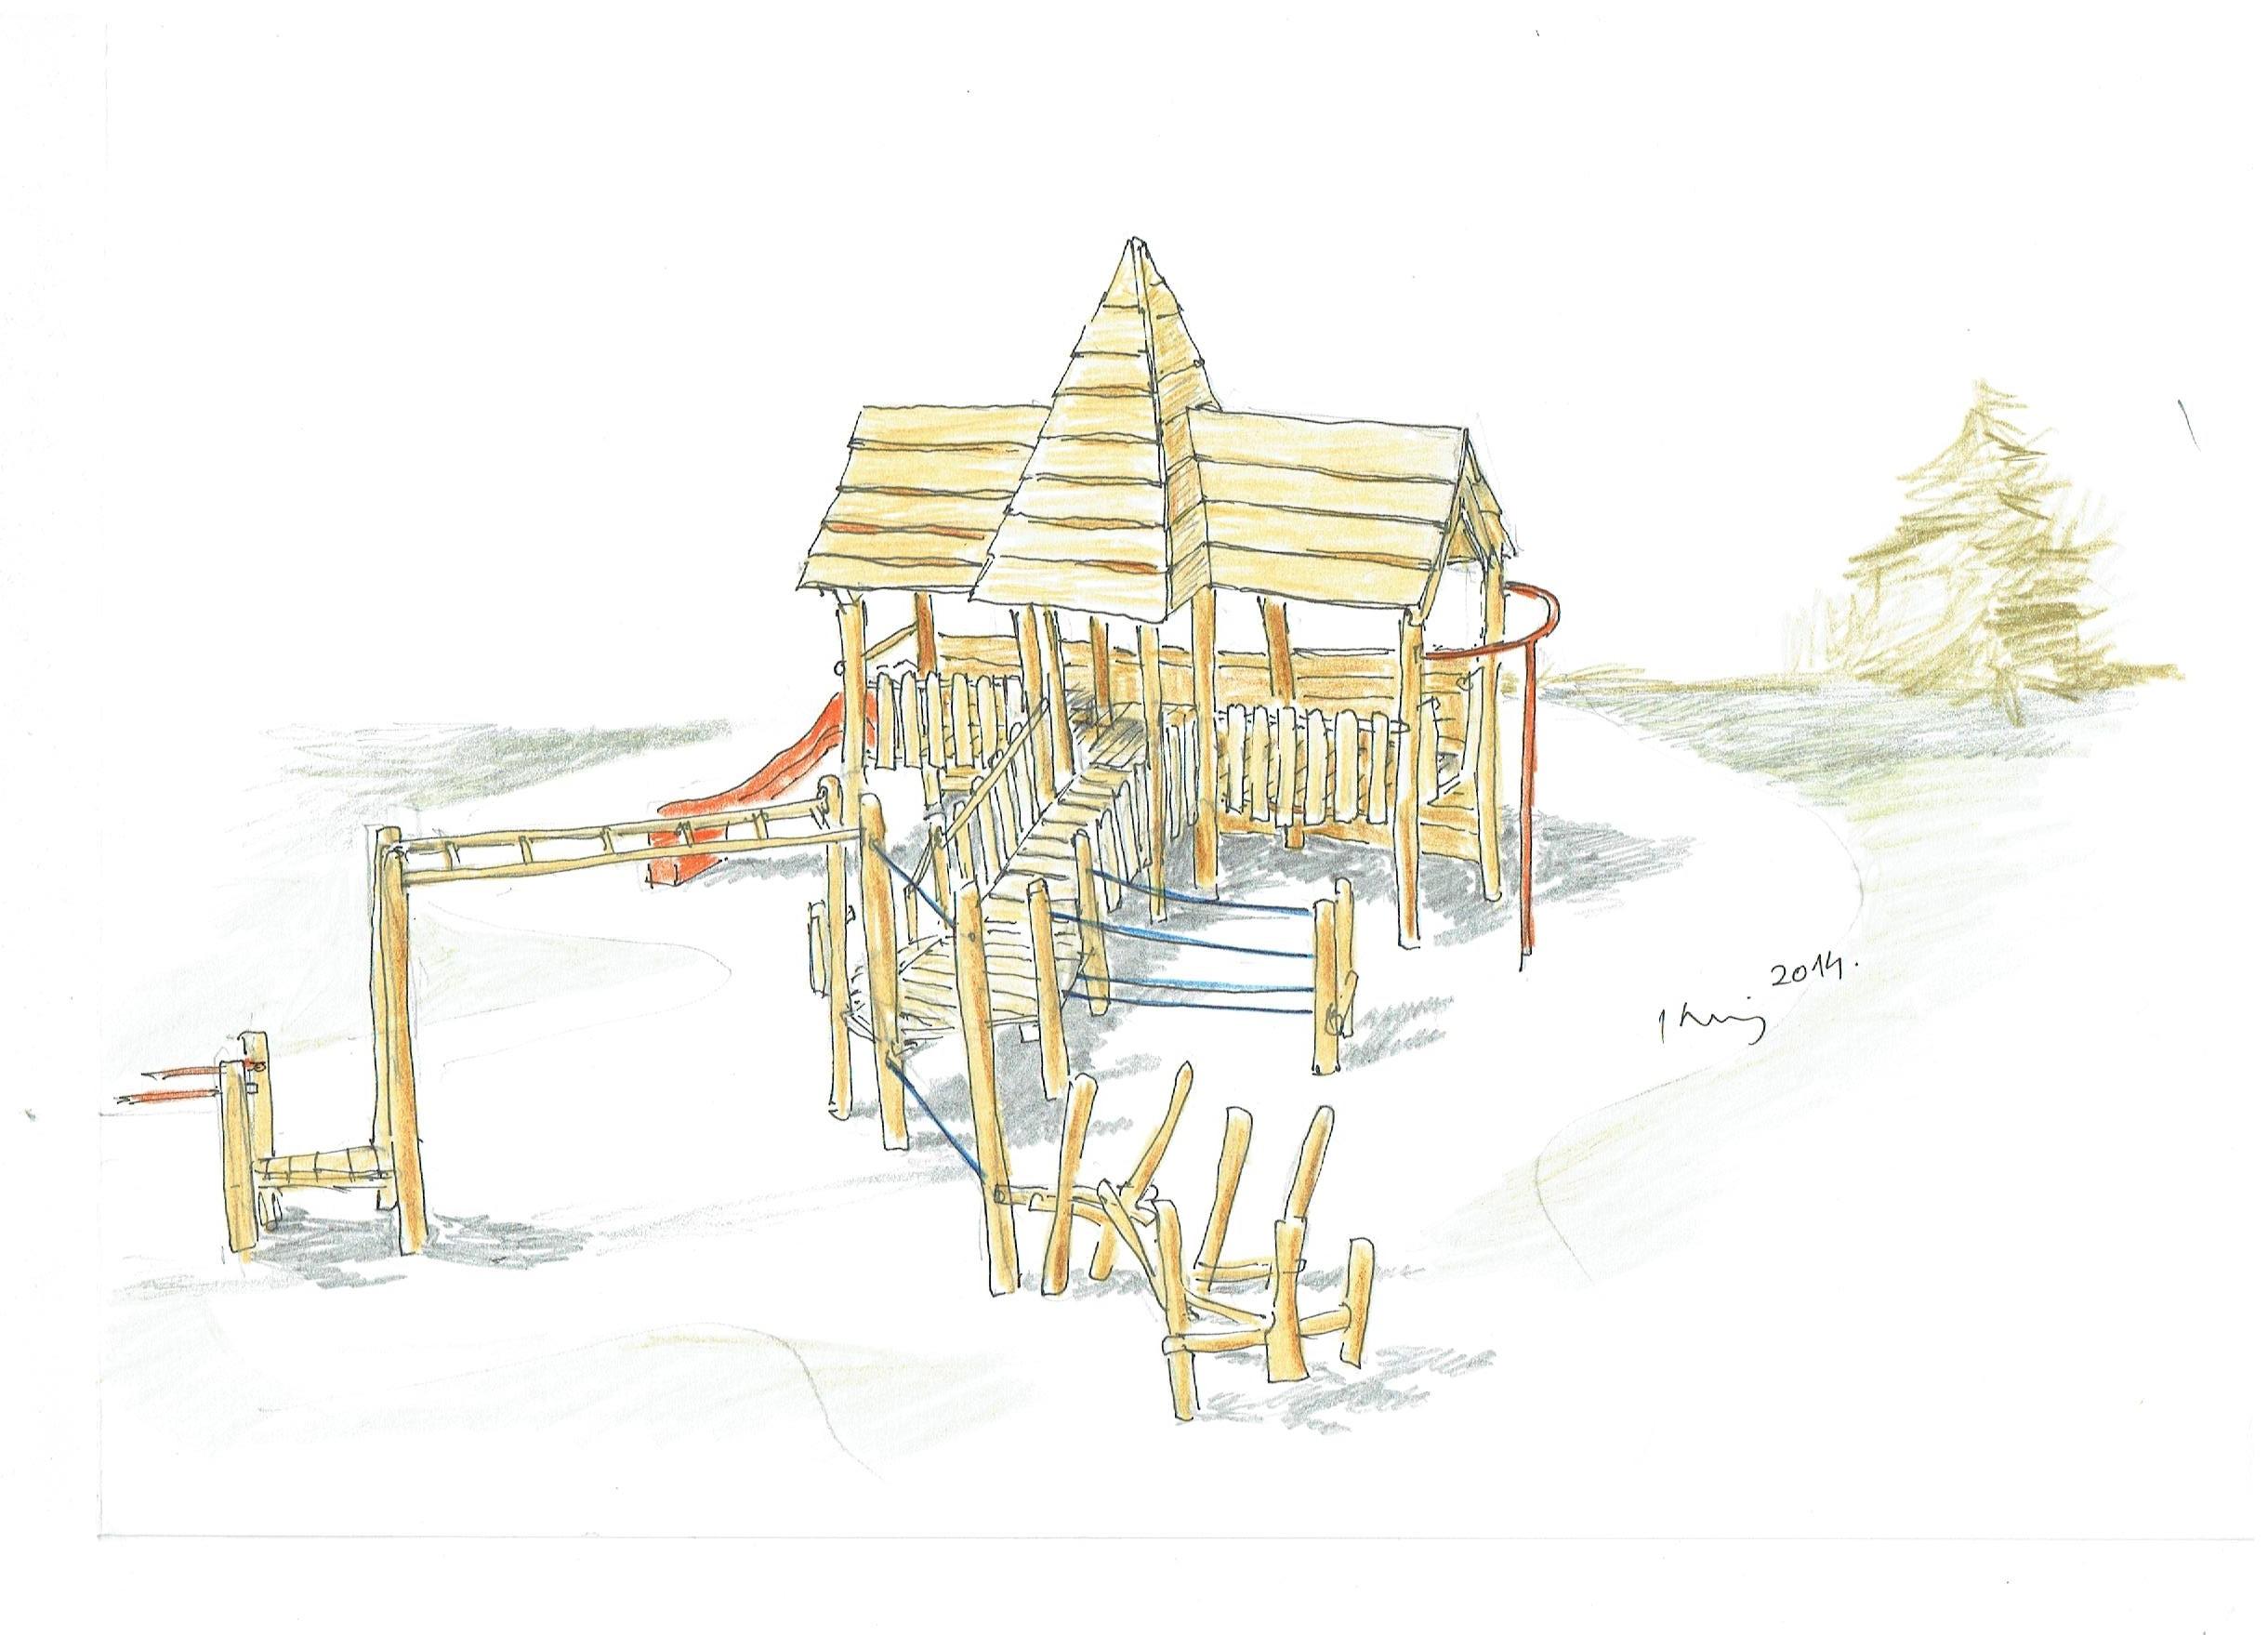 Detské ihrisko Trojveža I so sústavou guliačových a lanových preliezačiek